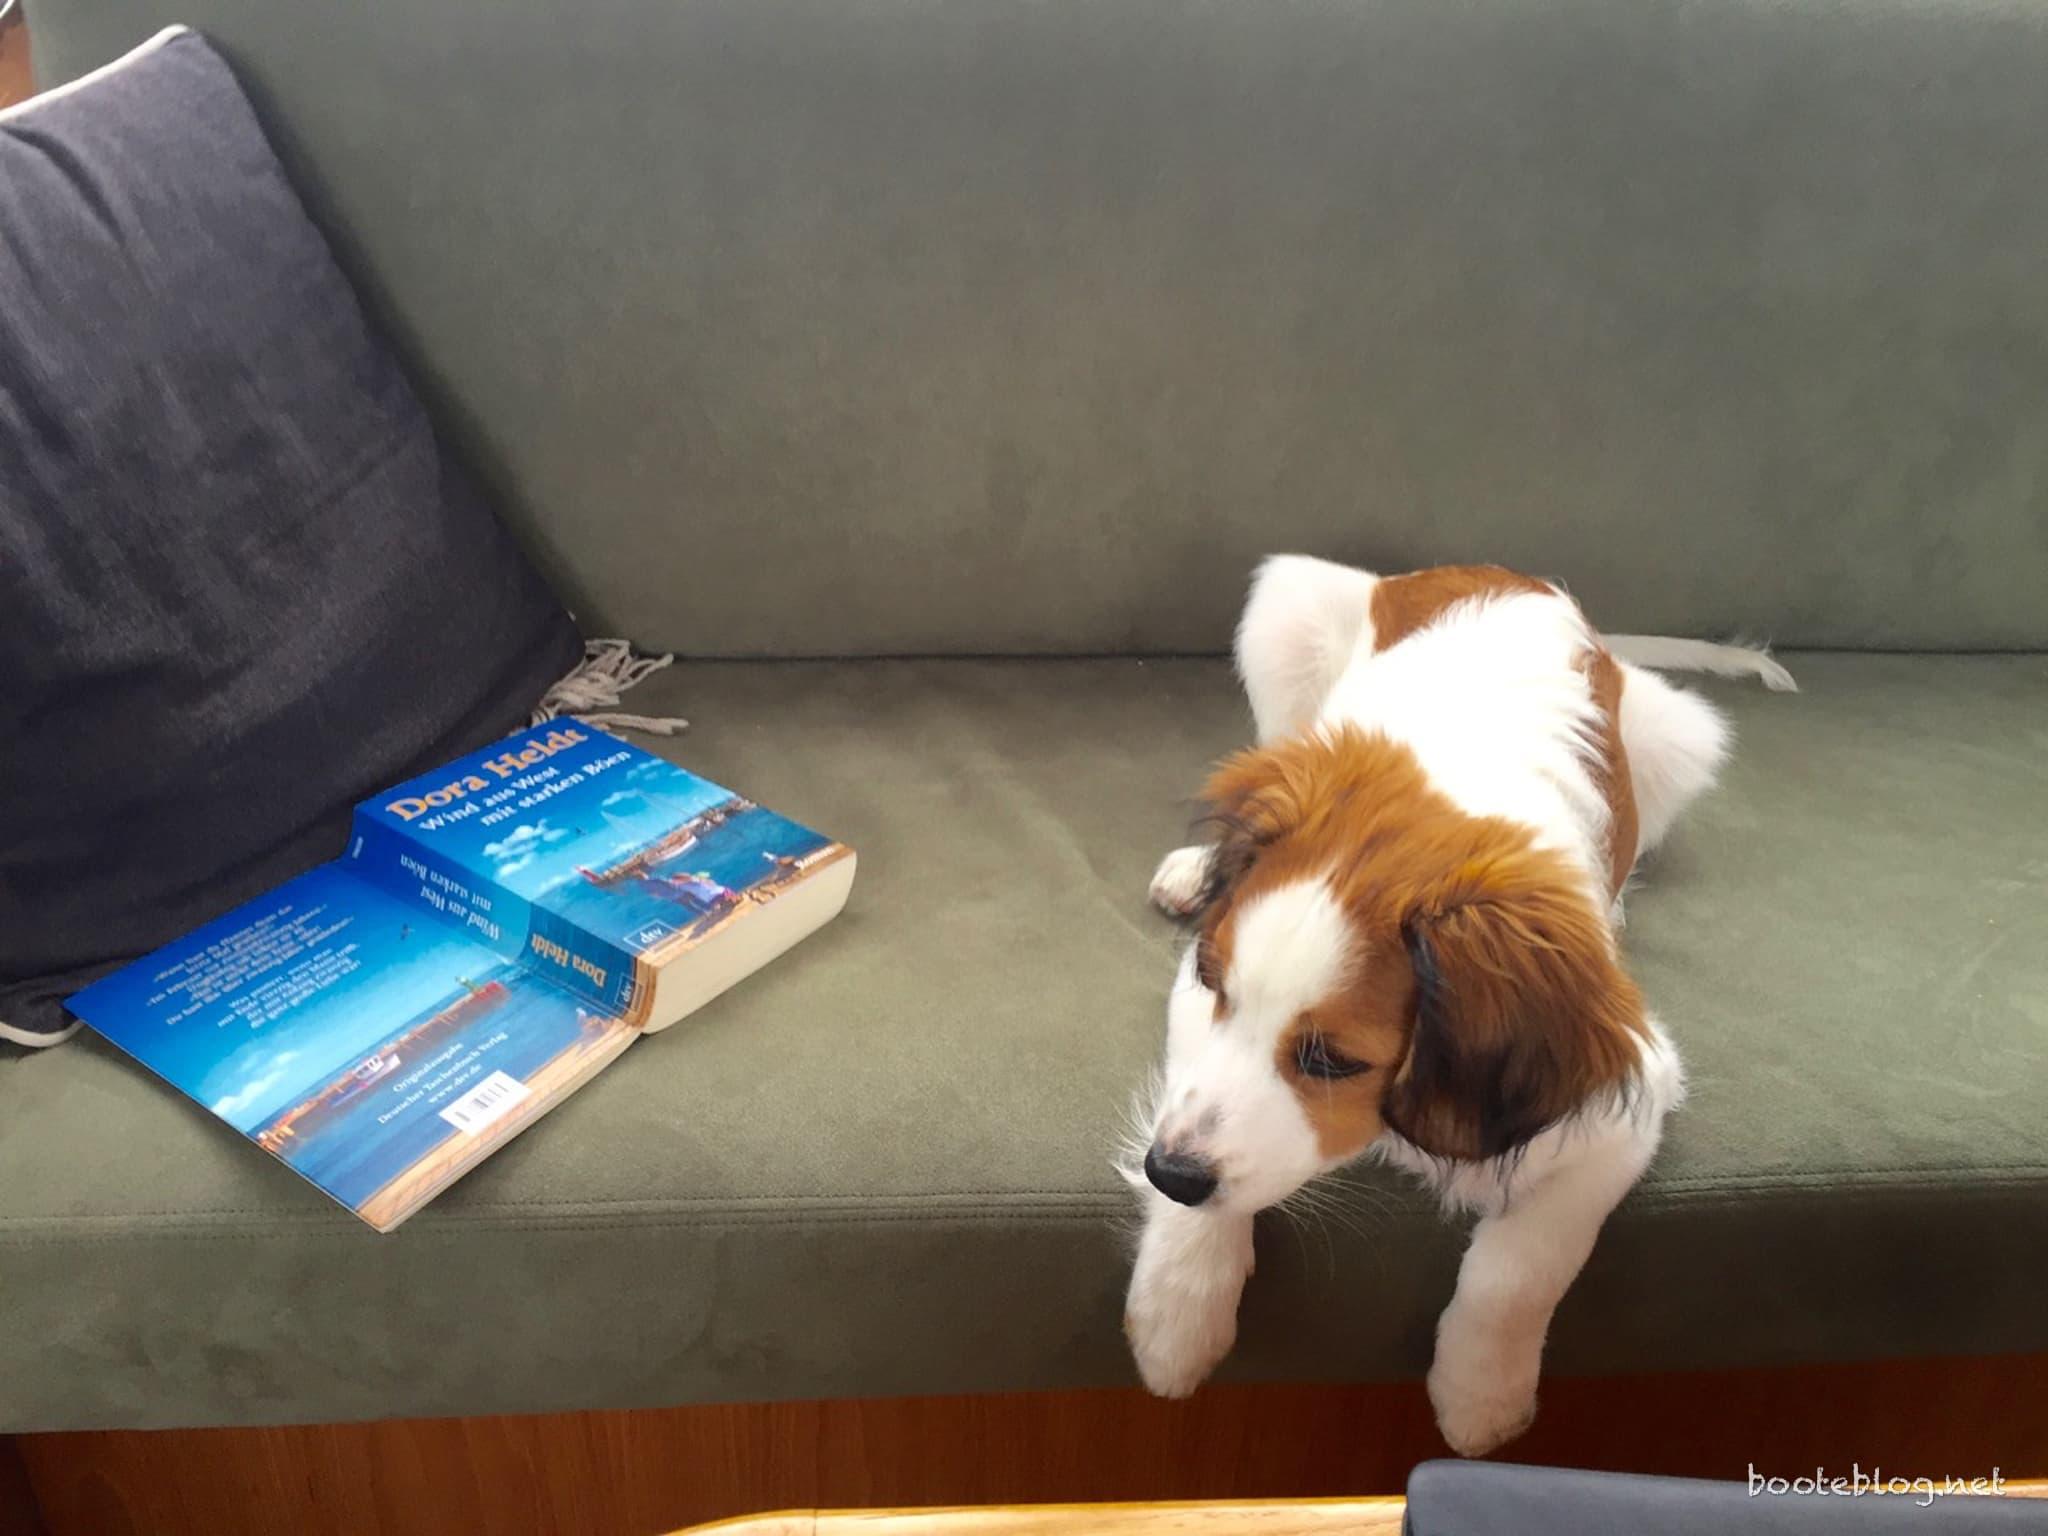 Das Buch fand Ole eher anknabber- denn lesenswert.